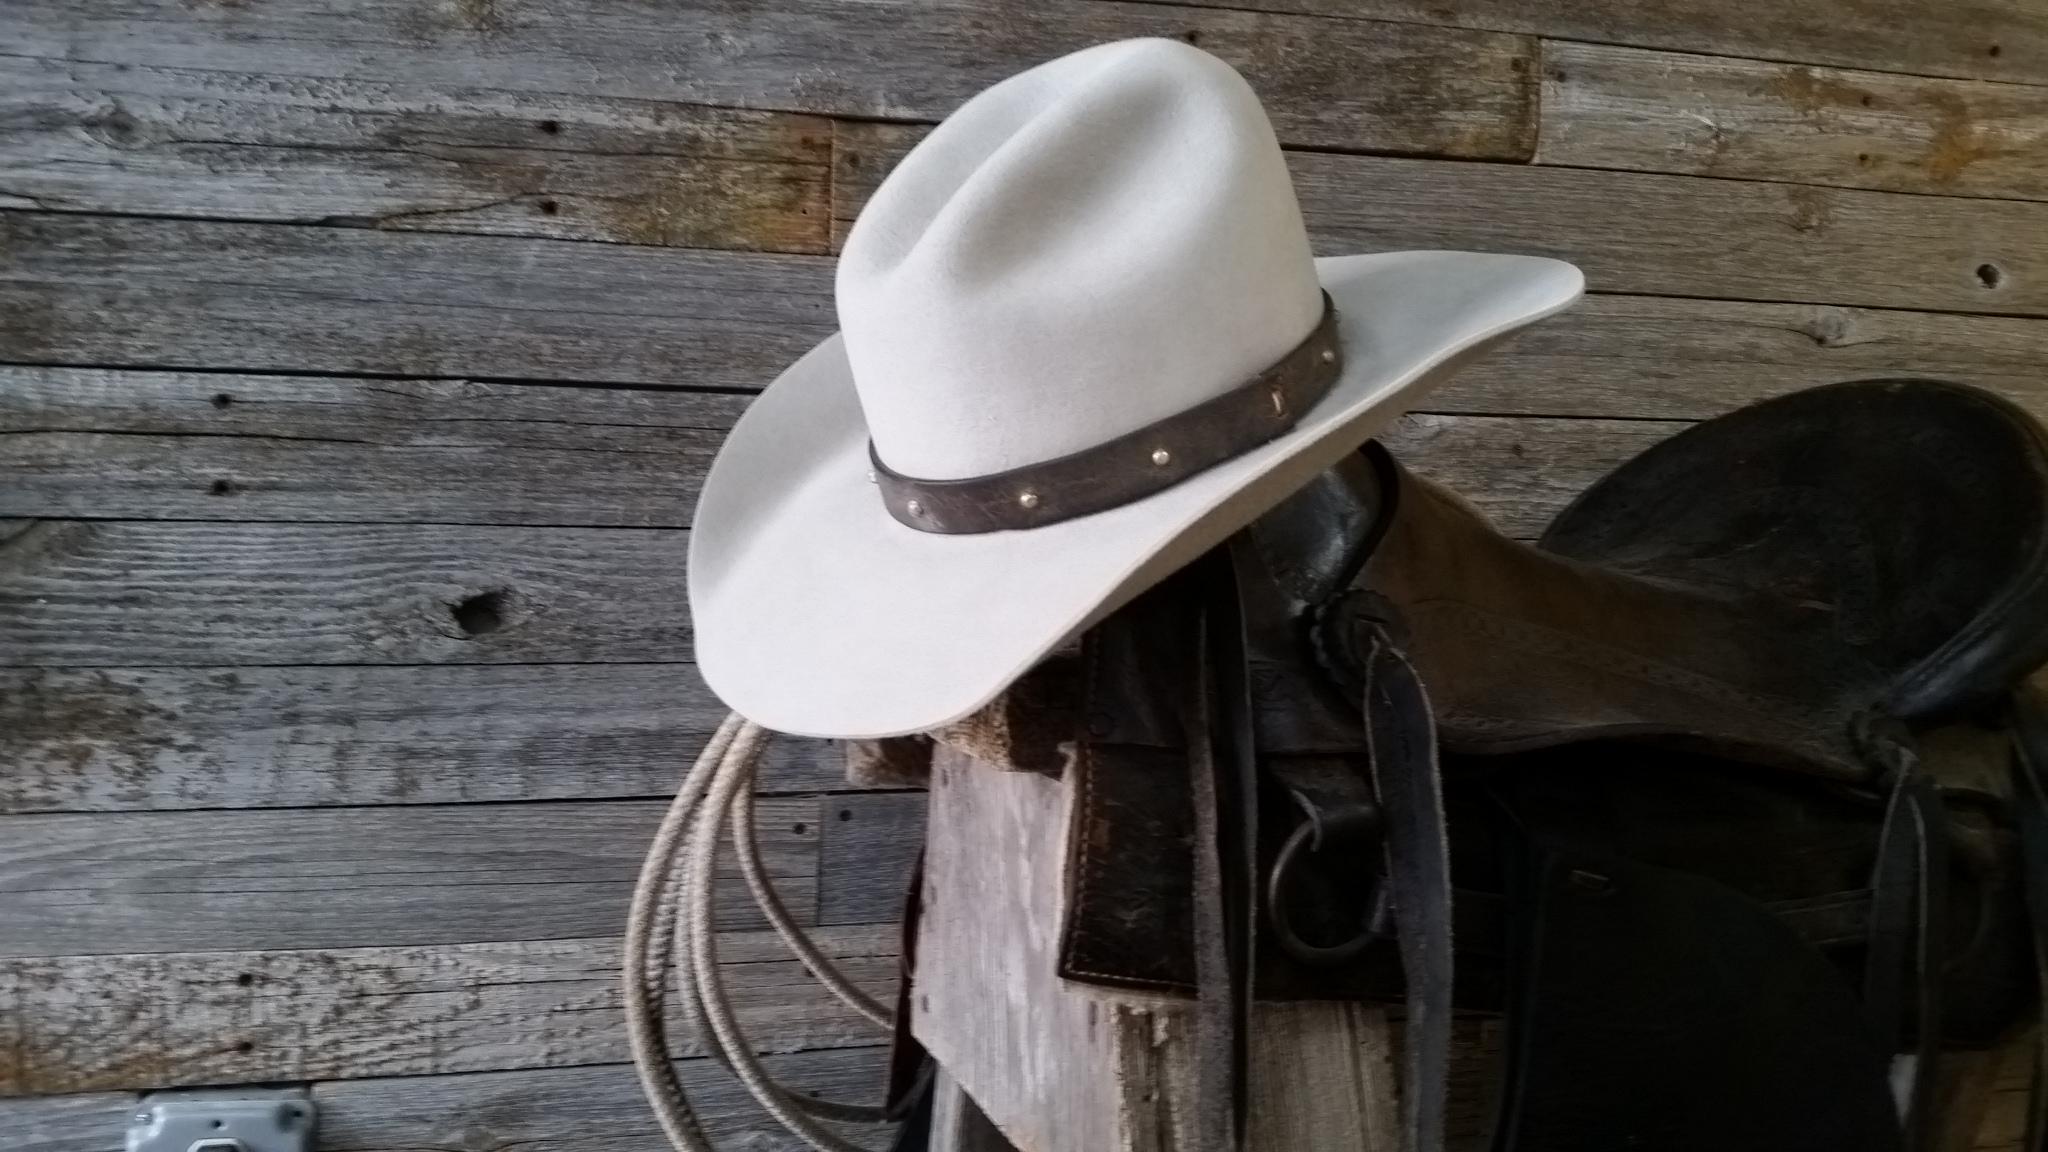 Custom Felt Cowboy Hats - Hat HD Image Ukjugs.Org e3dbfb11f64c